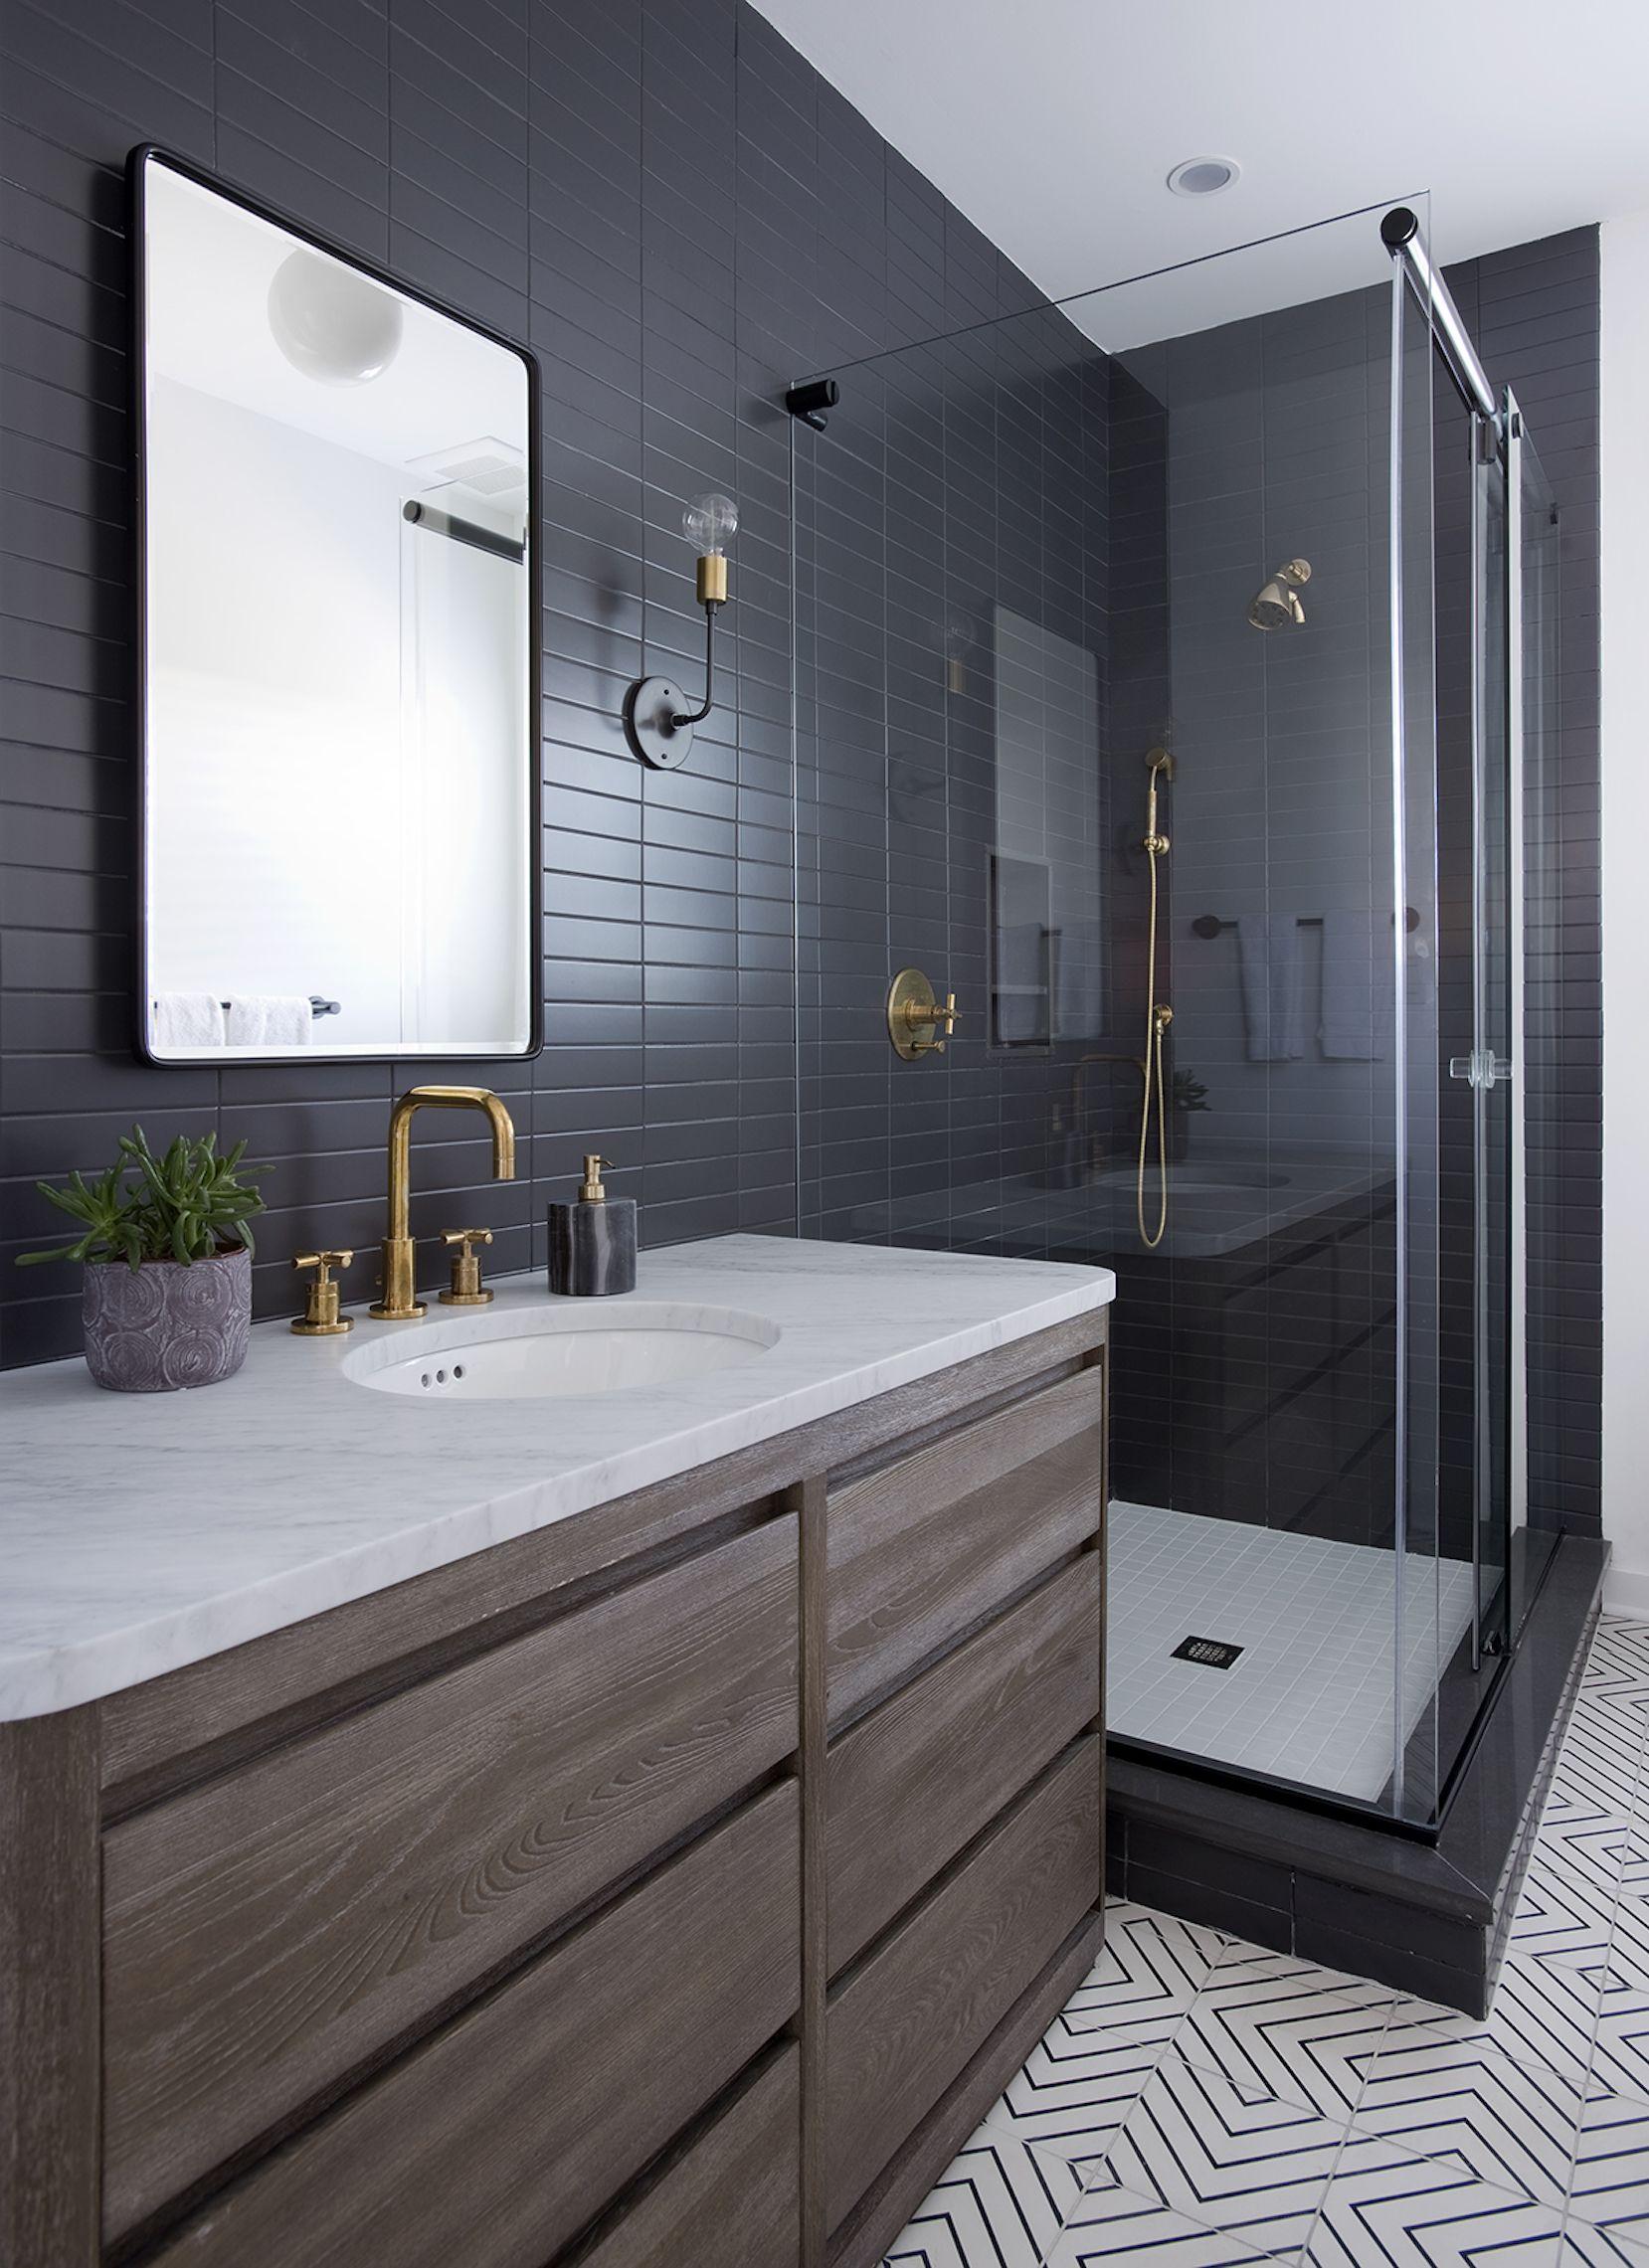 Sleek Modern Dark Bathroom With Glossy Tiled Walls Threshold Interiors Nyc Bathrooms